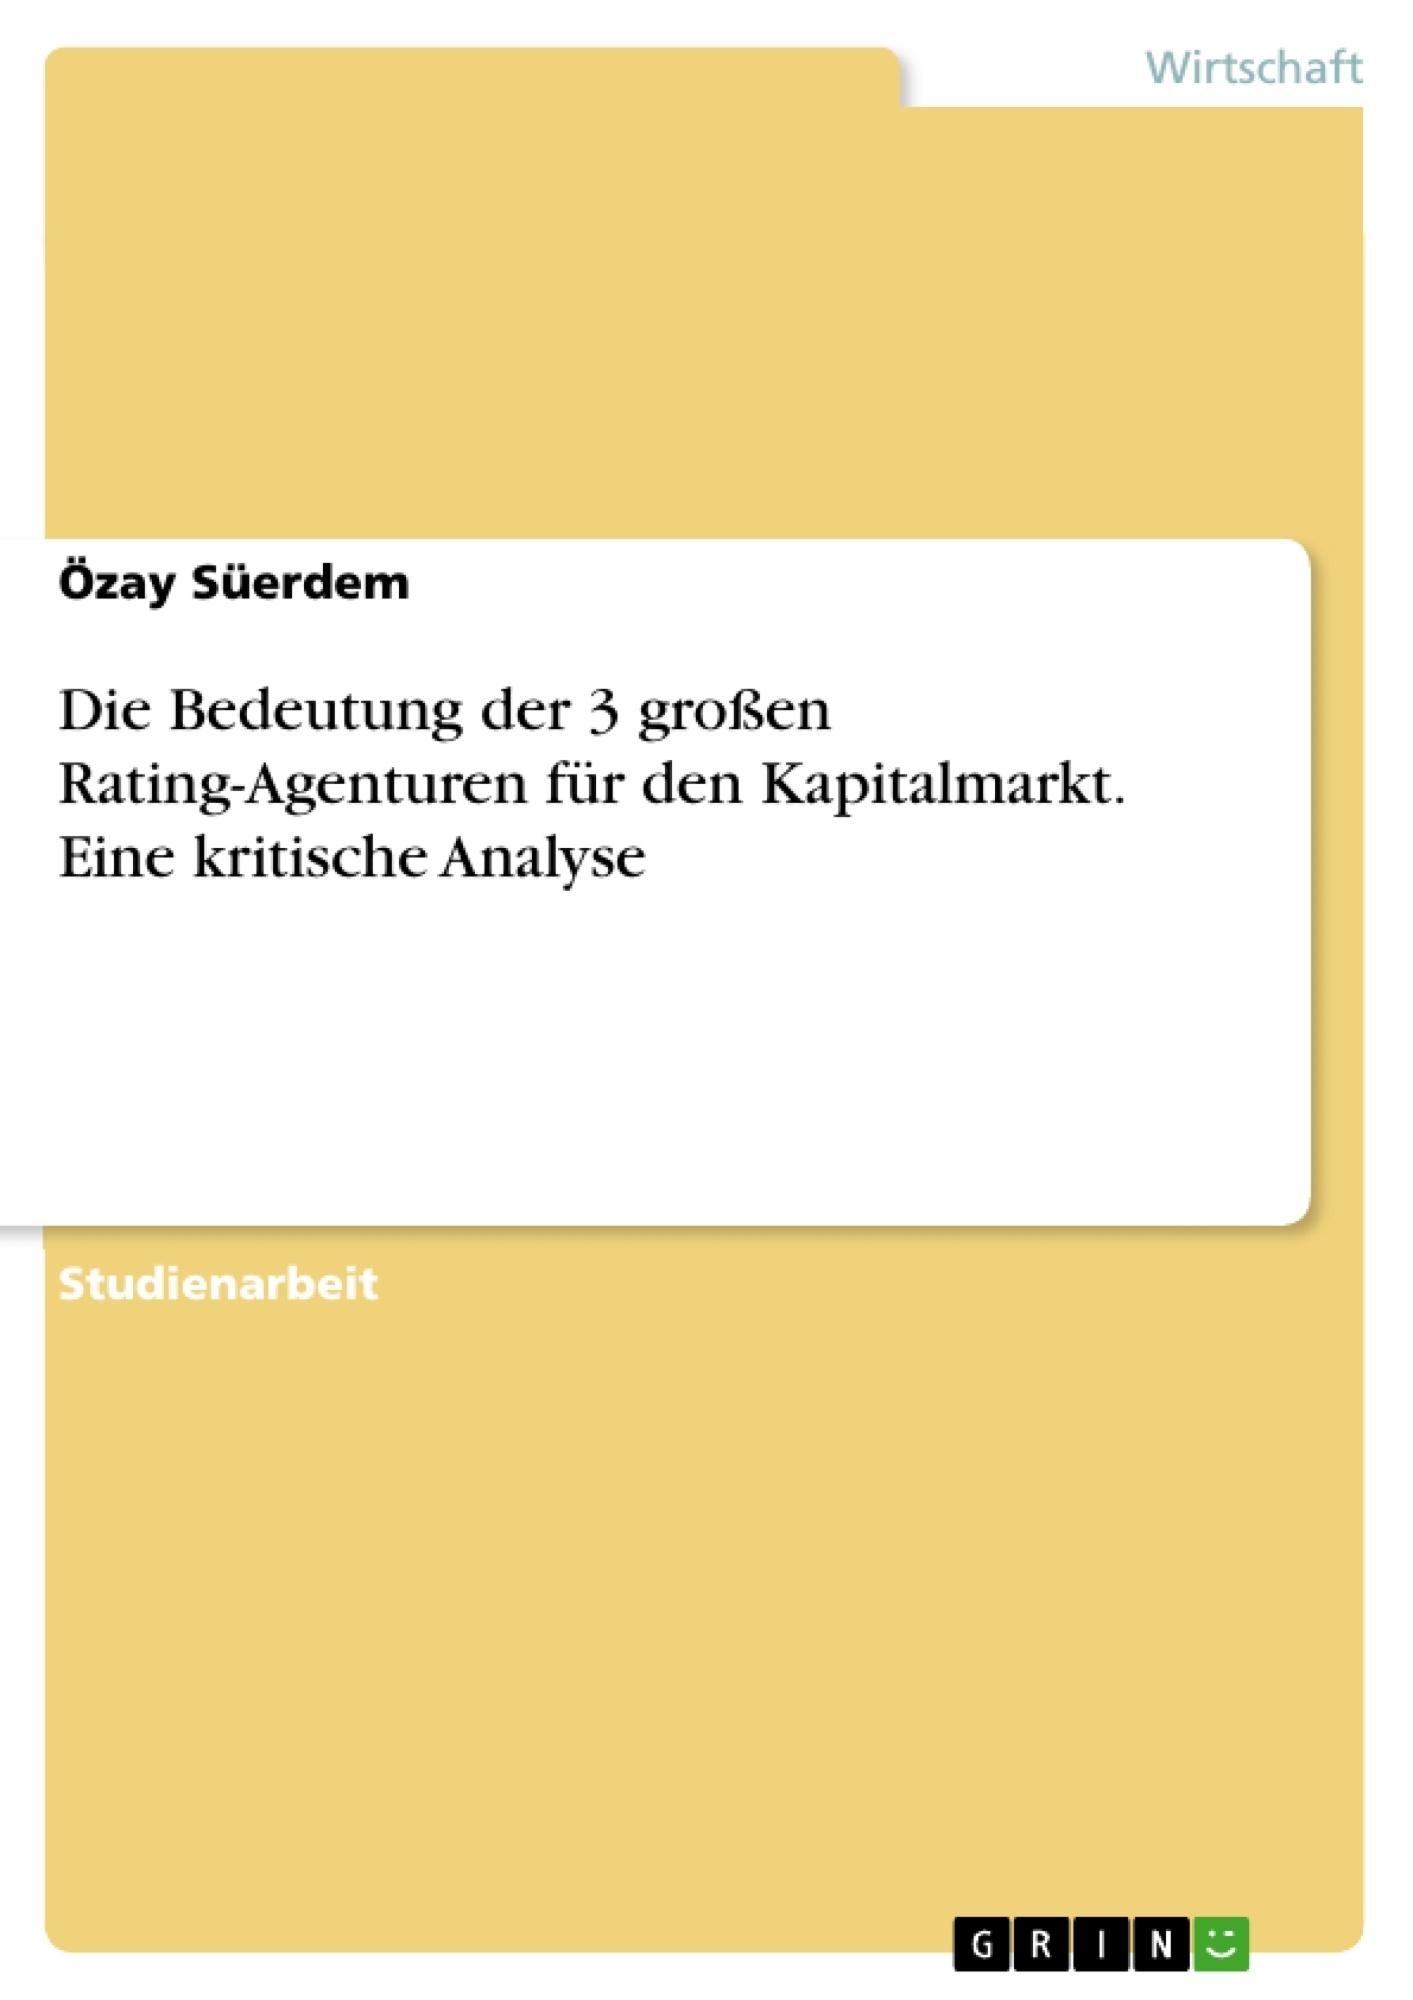 Titel: Die Bedeutung der 3 großen Rating-Agenturen für den Kapitalmarkt. Eine kritische Analyse